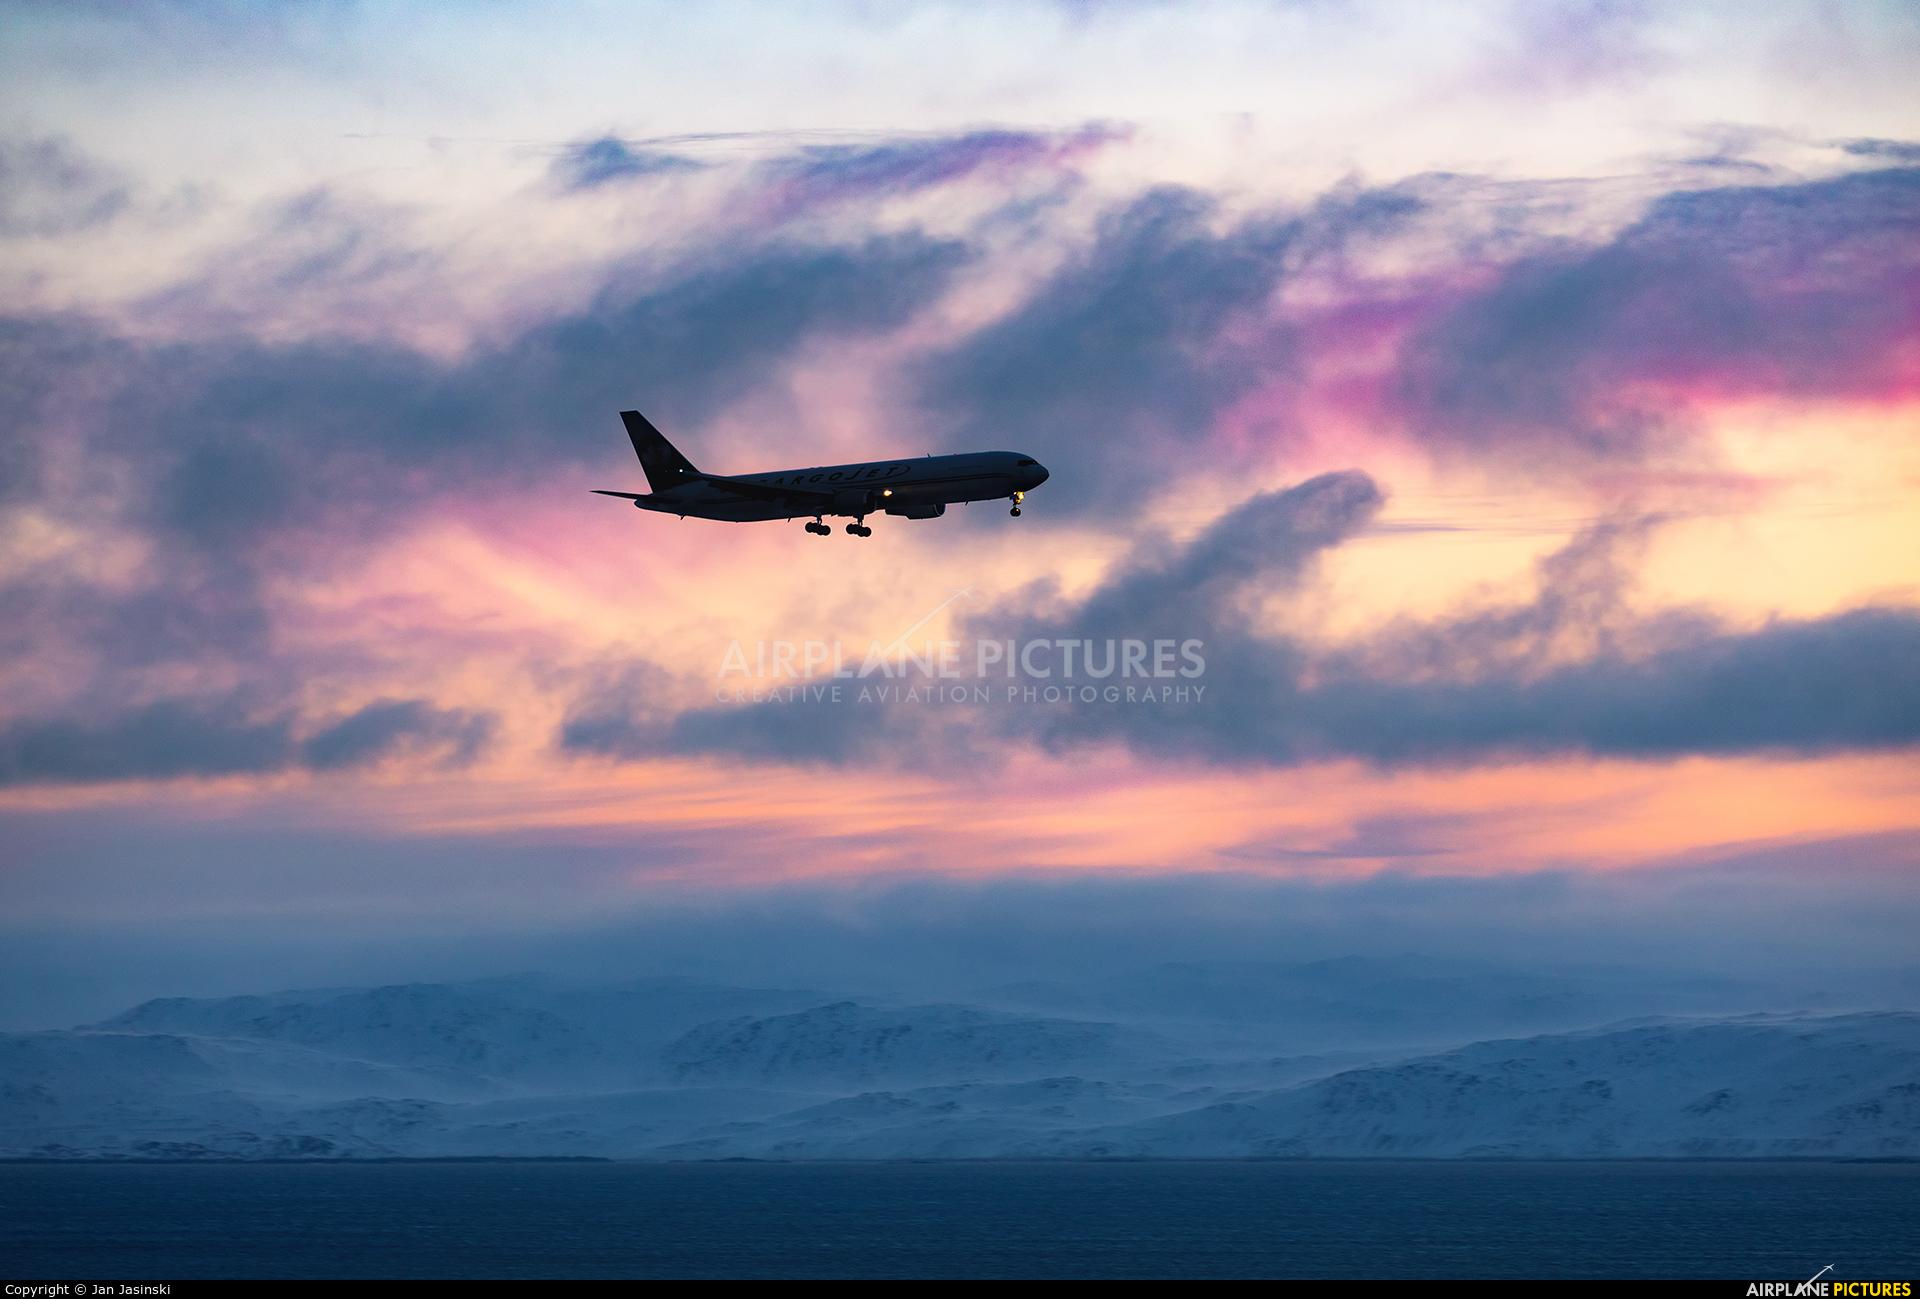 Cargojet Airways C-GVIJ aircraft at Iqaluit